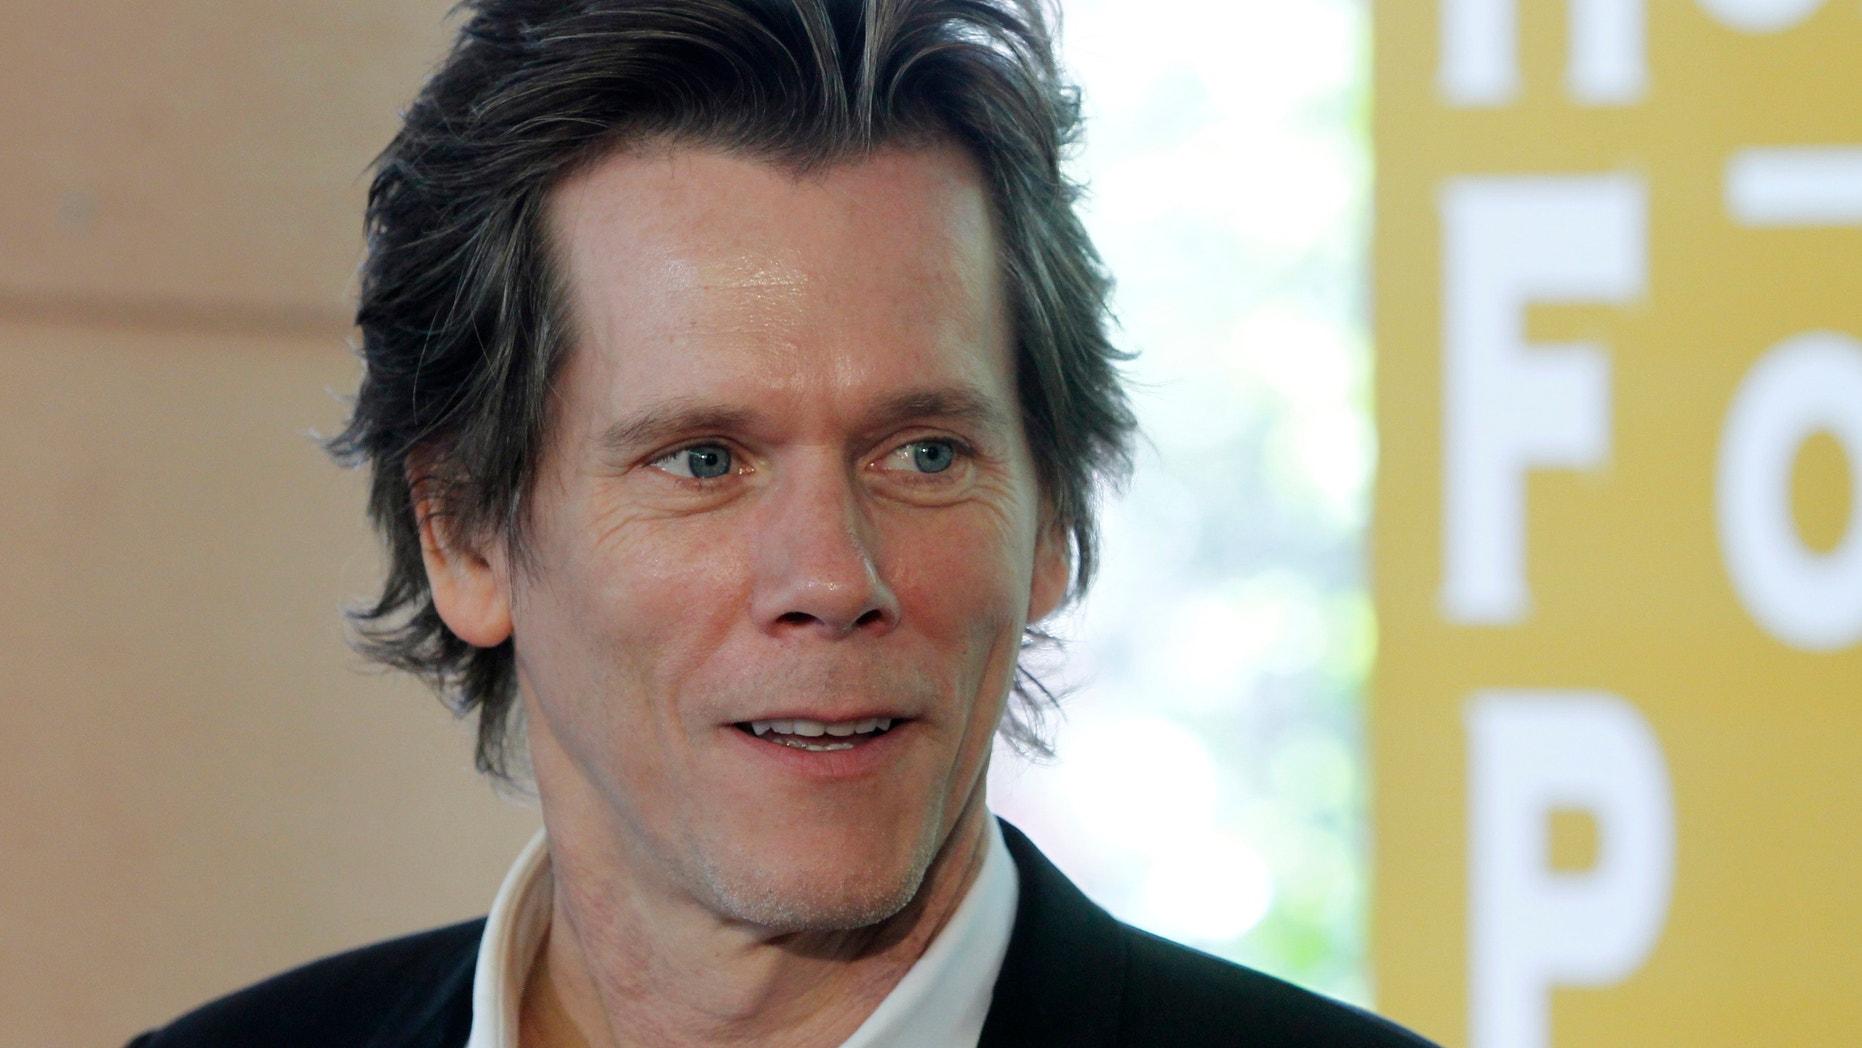 """Kevin Bacon worked alongside Elizabeth Gorcey in """"Footloose."""""""